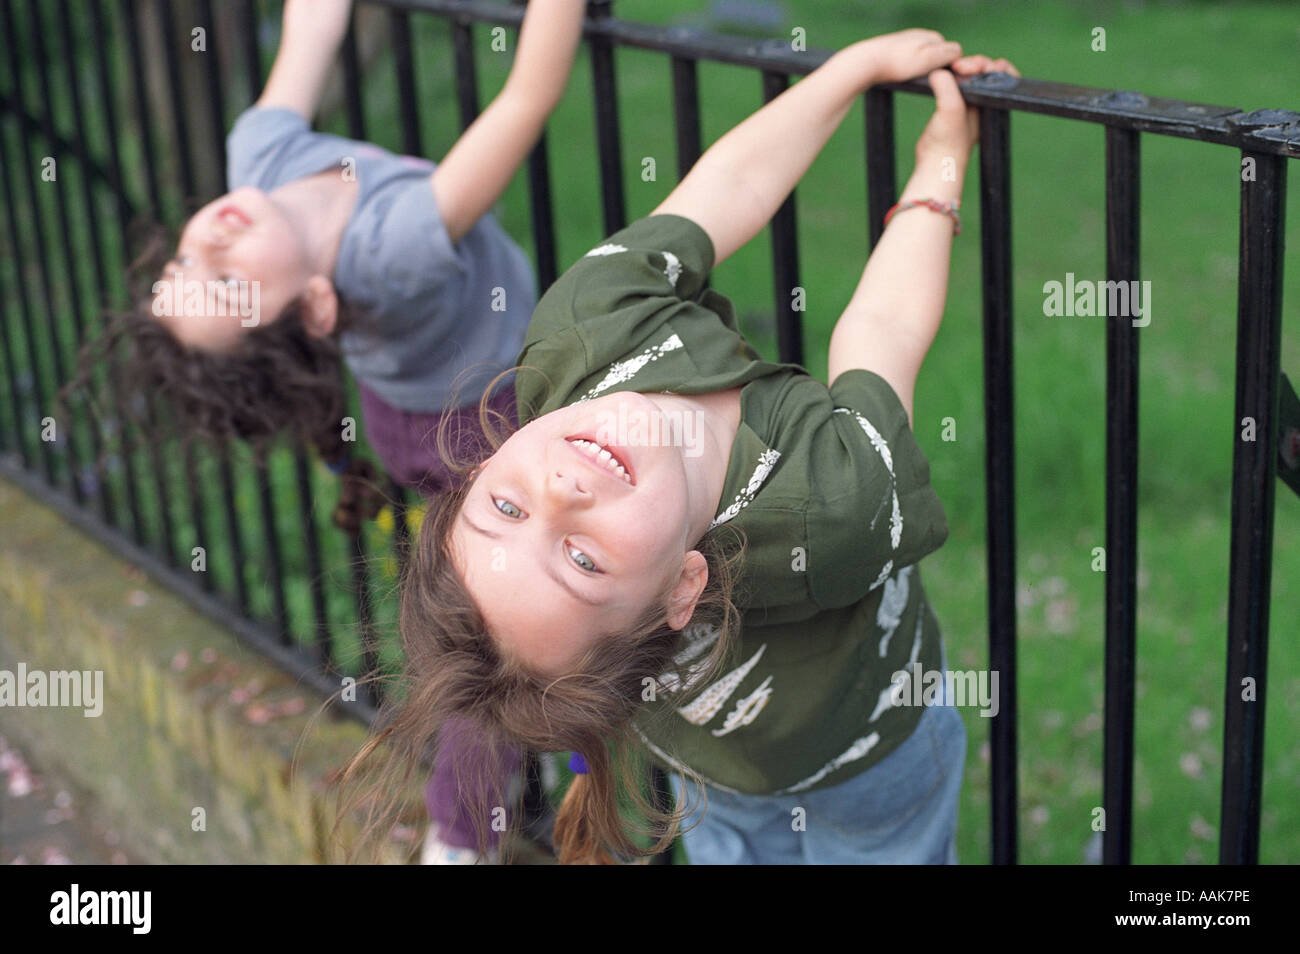 Duas meninas de seis anos de idade jogar em grades de metal, Londres, Reino Unido. Imagens de Stock